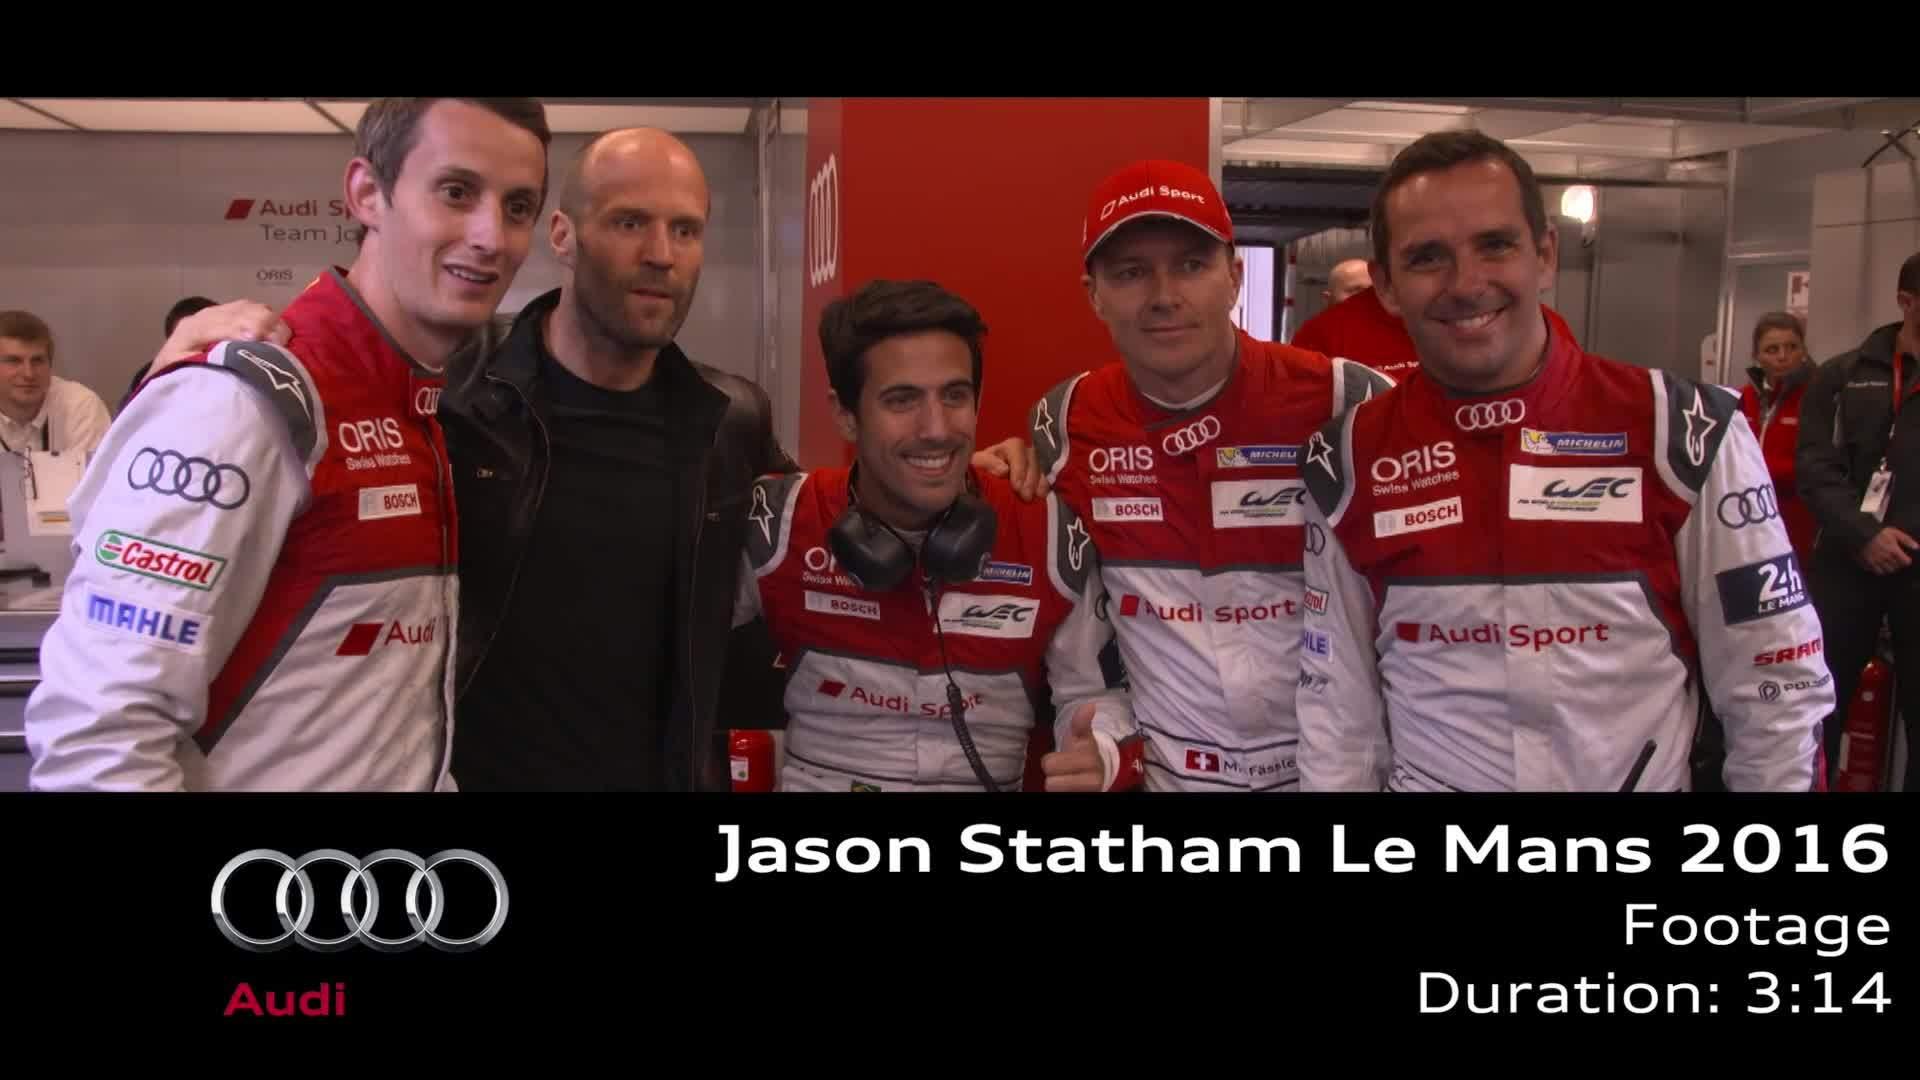 Jason Statham zu Gast bei Audi in Le Mans - Footage